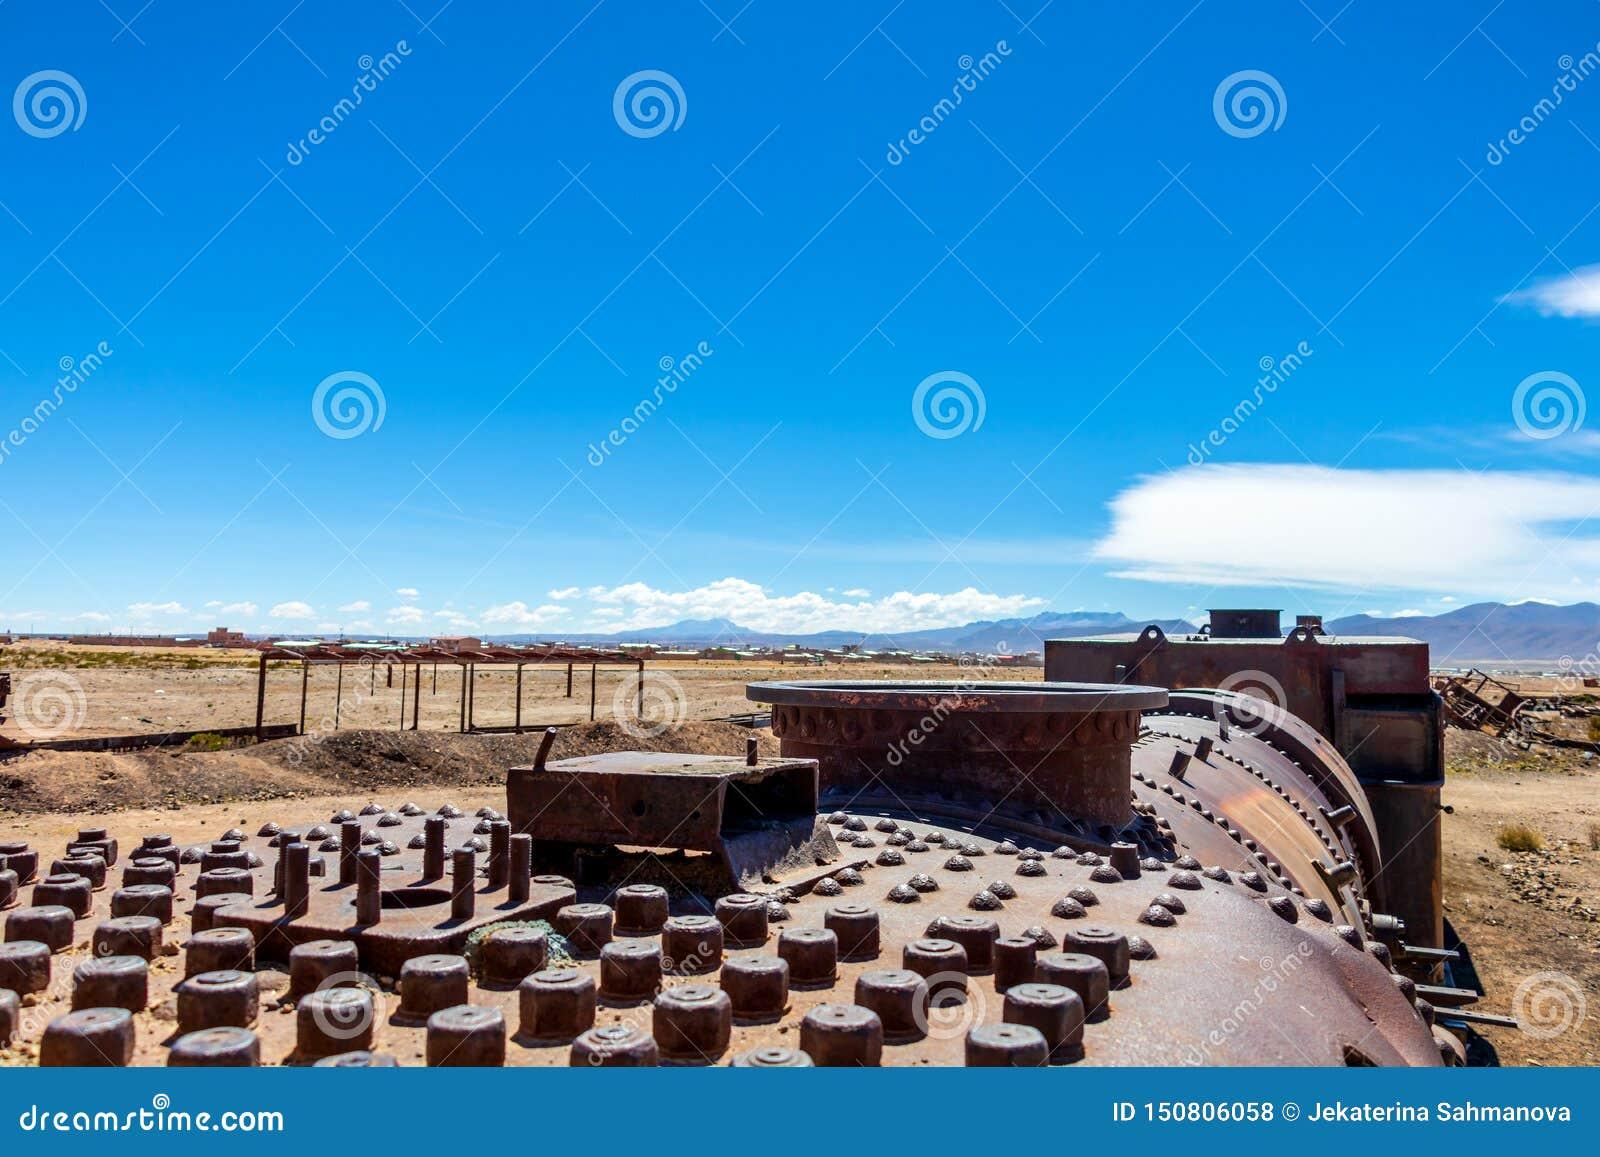 Grande cemitério do trem ou cemitério das locomotivas de vapor em Uyuni, Bolívia